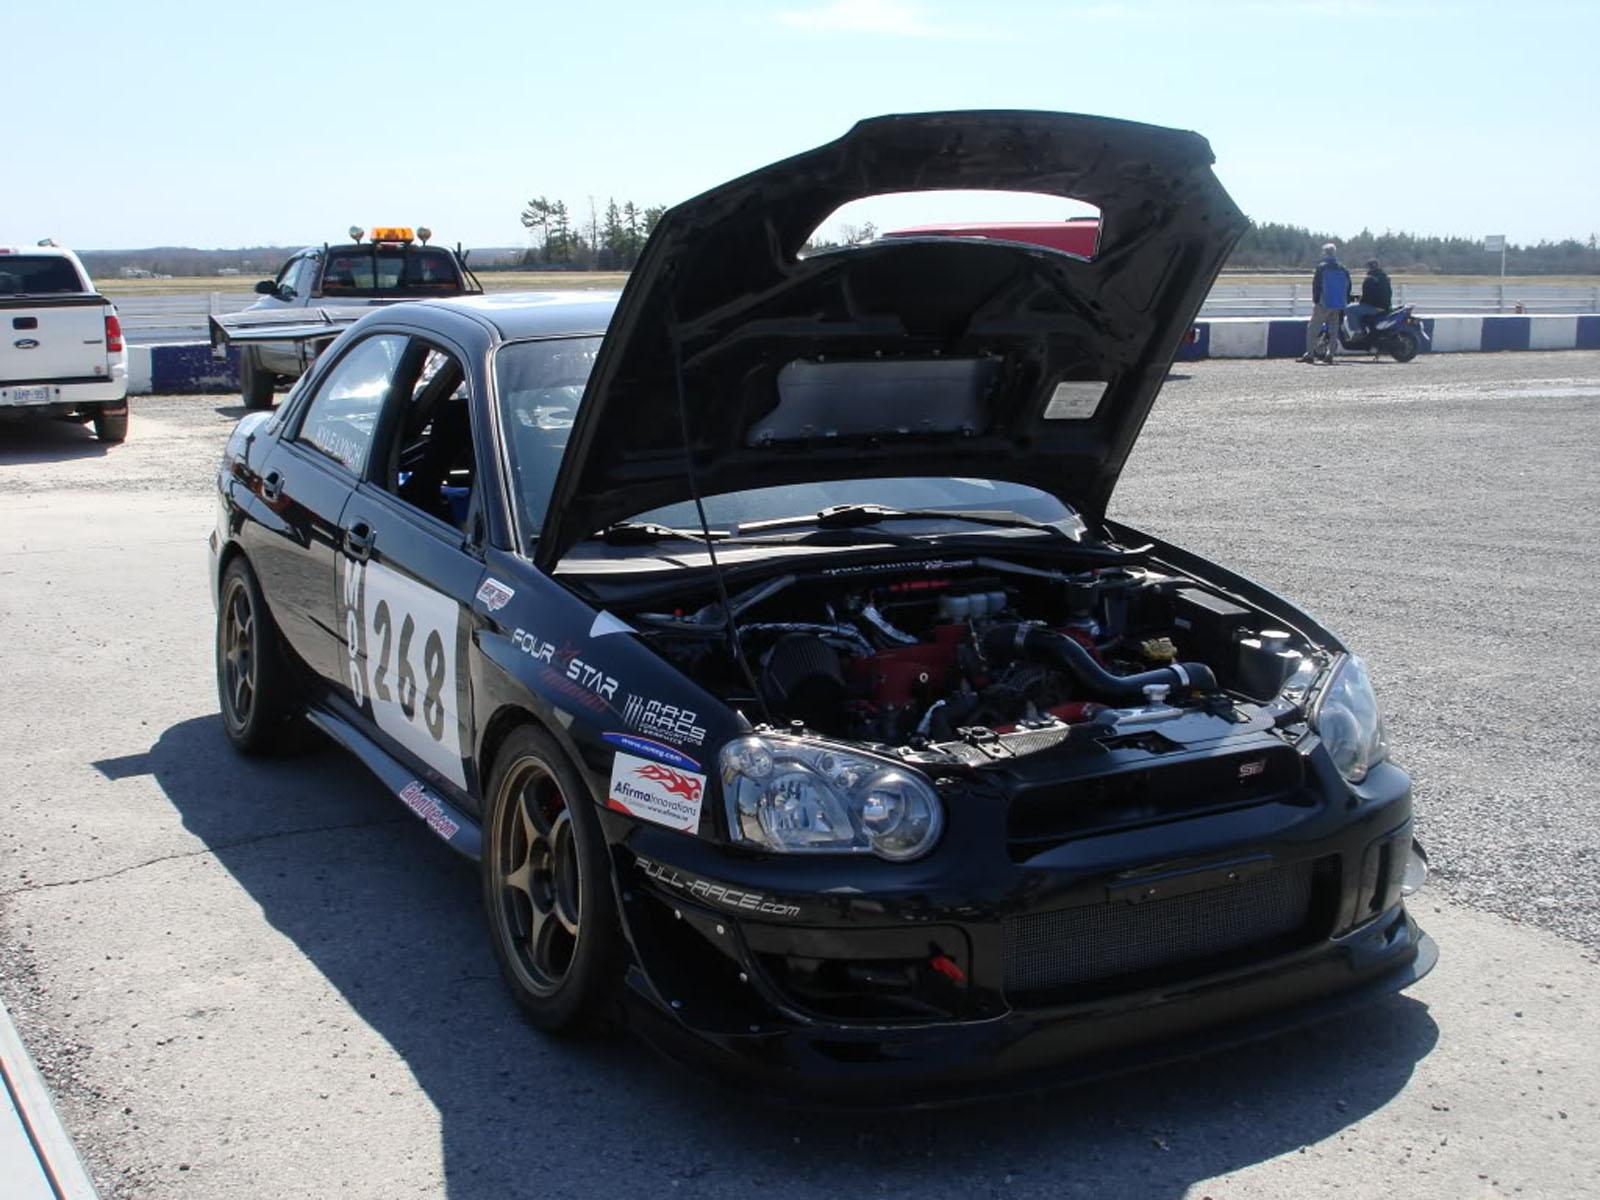 2004 Subaru 2004 Subaru STi Caged Race Car Impreza STi